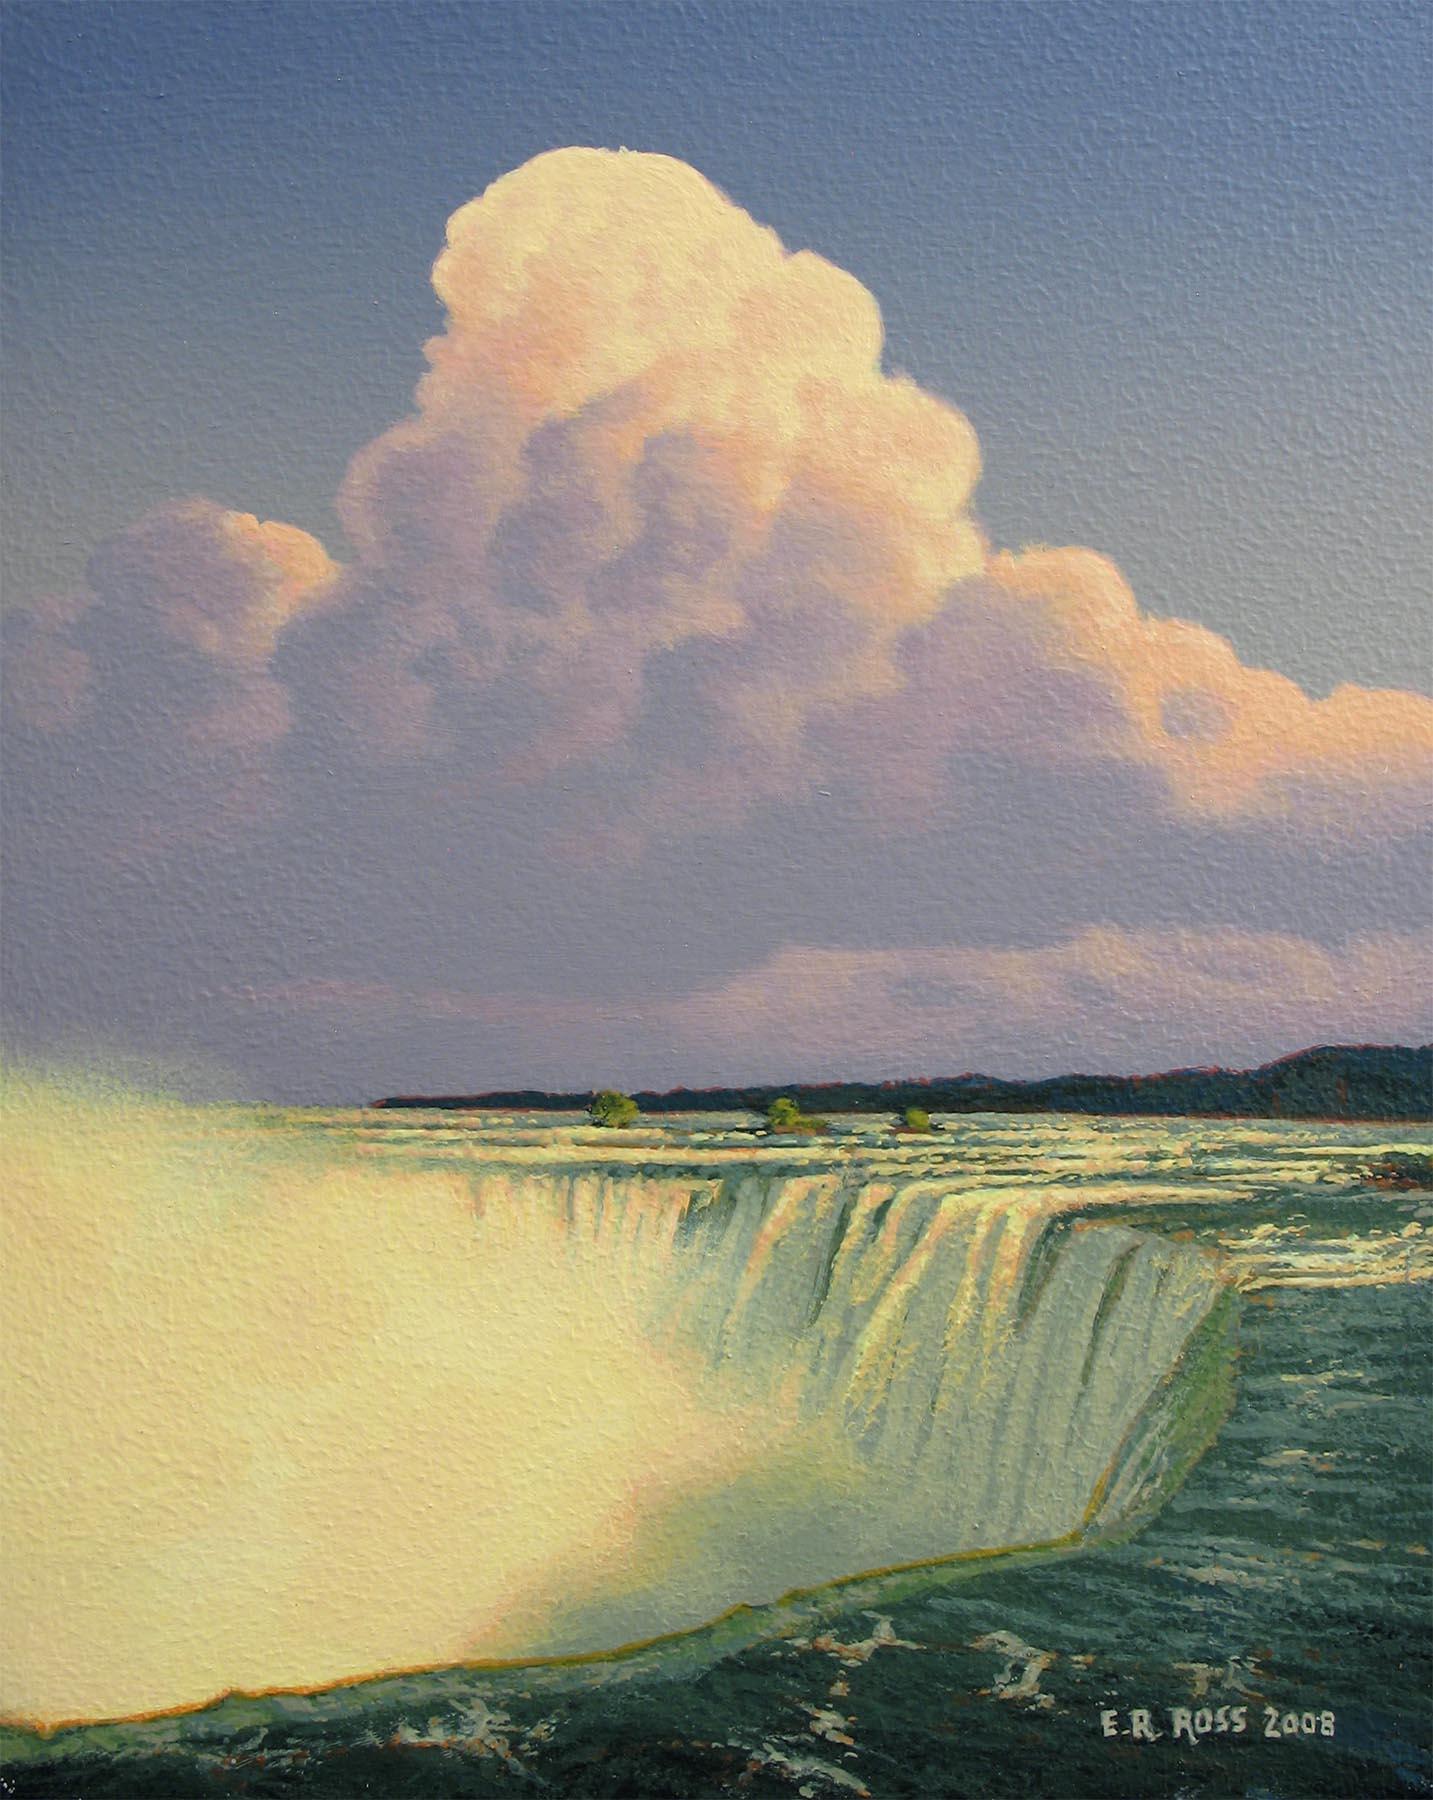 Niagara Falls - Robert Ross